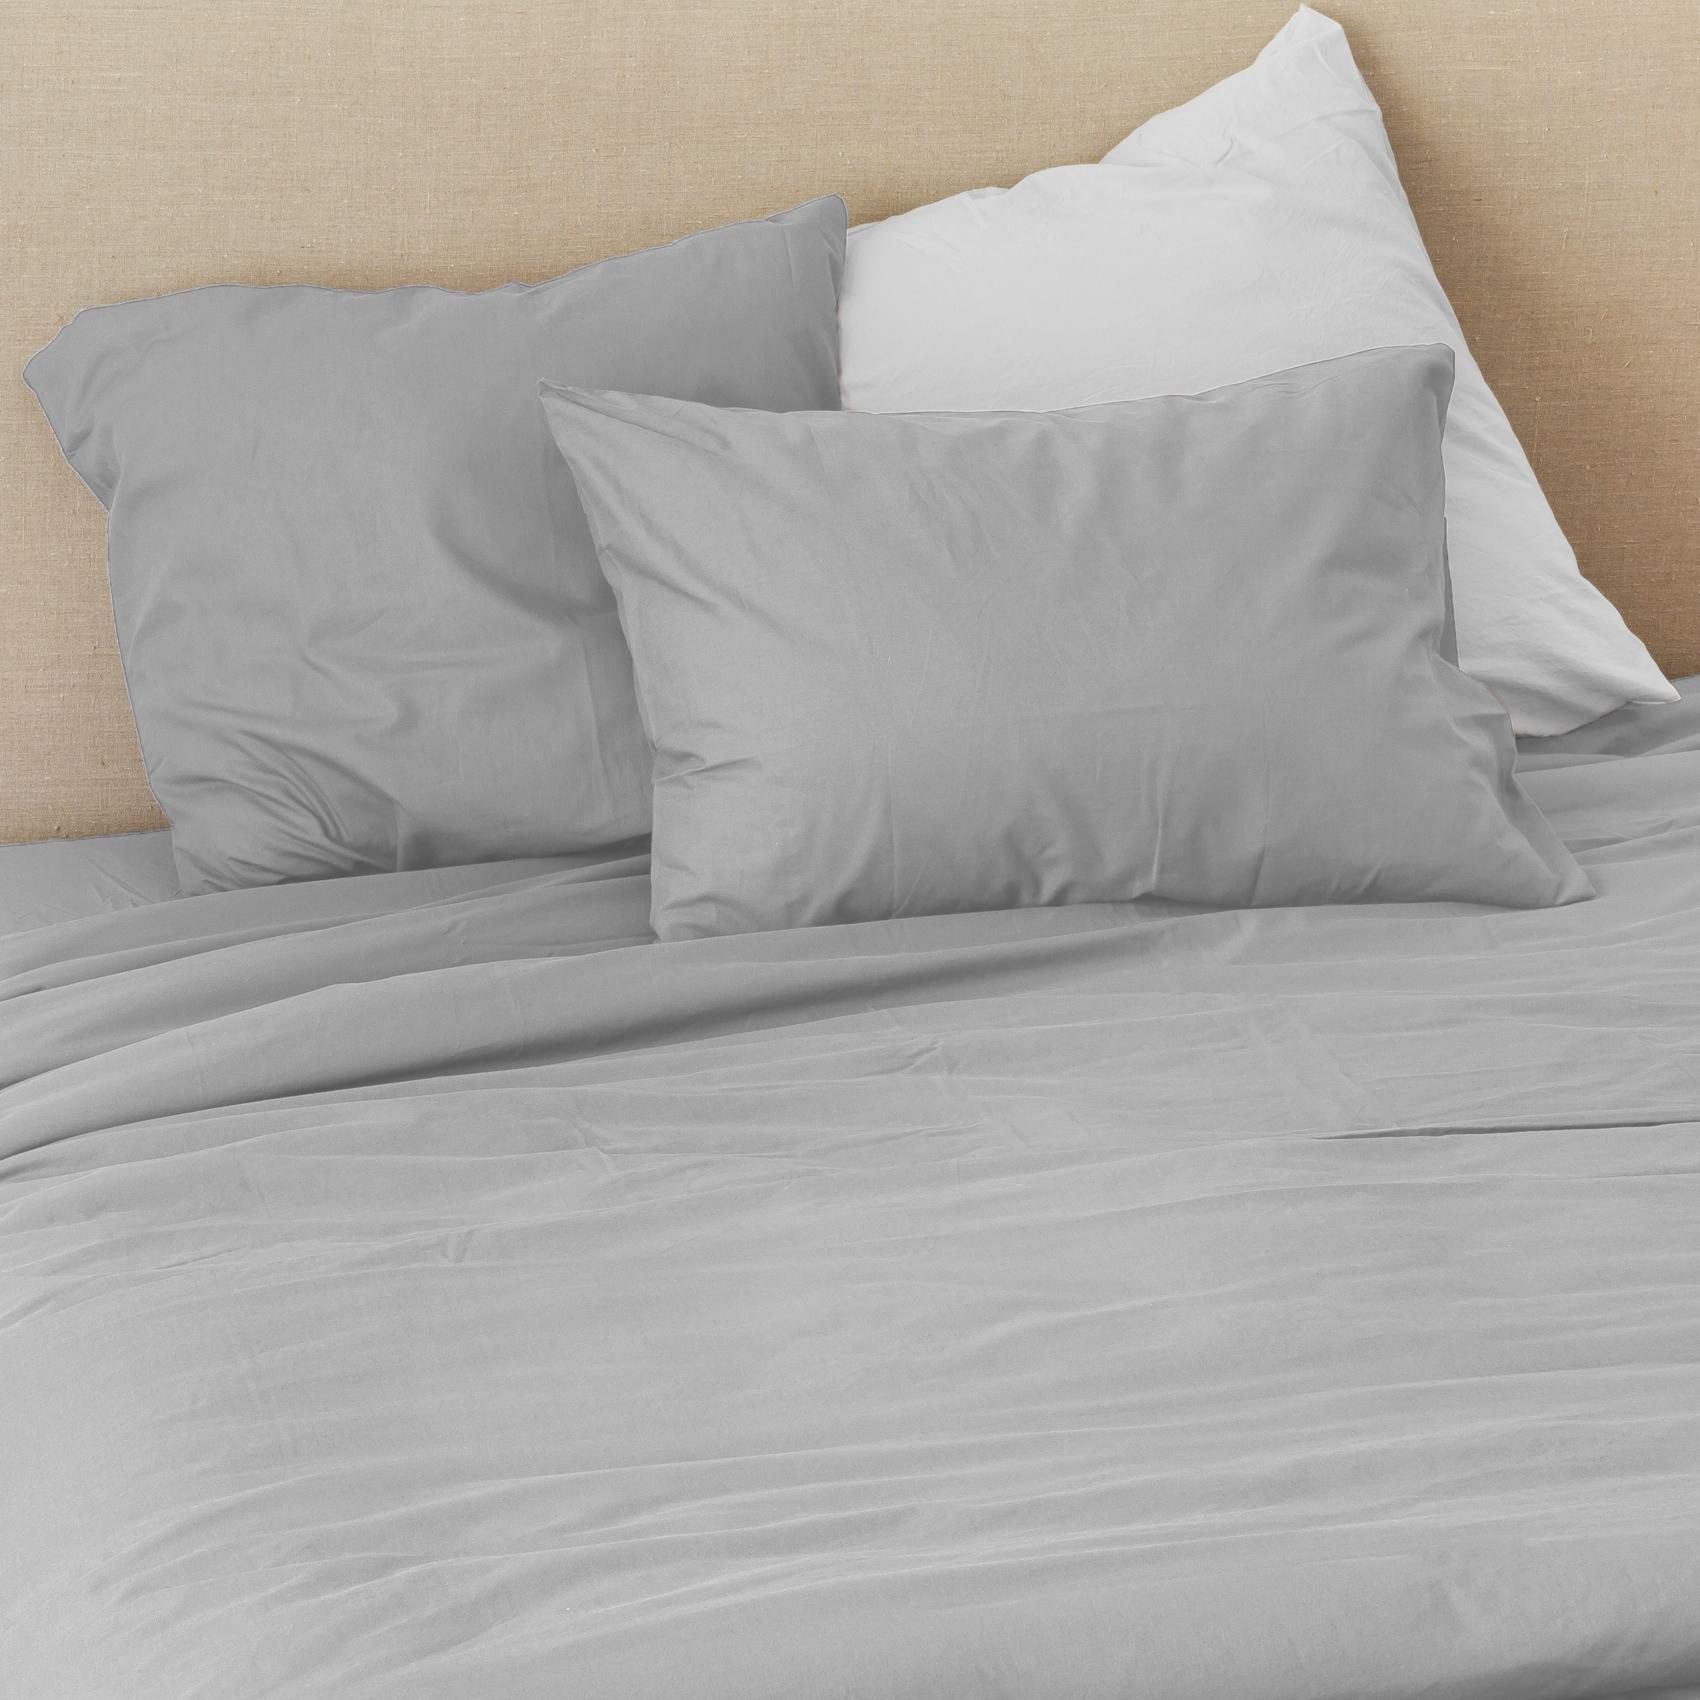 Taie d'oreiller en coton lavé coton flanelle 65x65